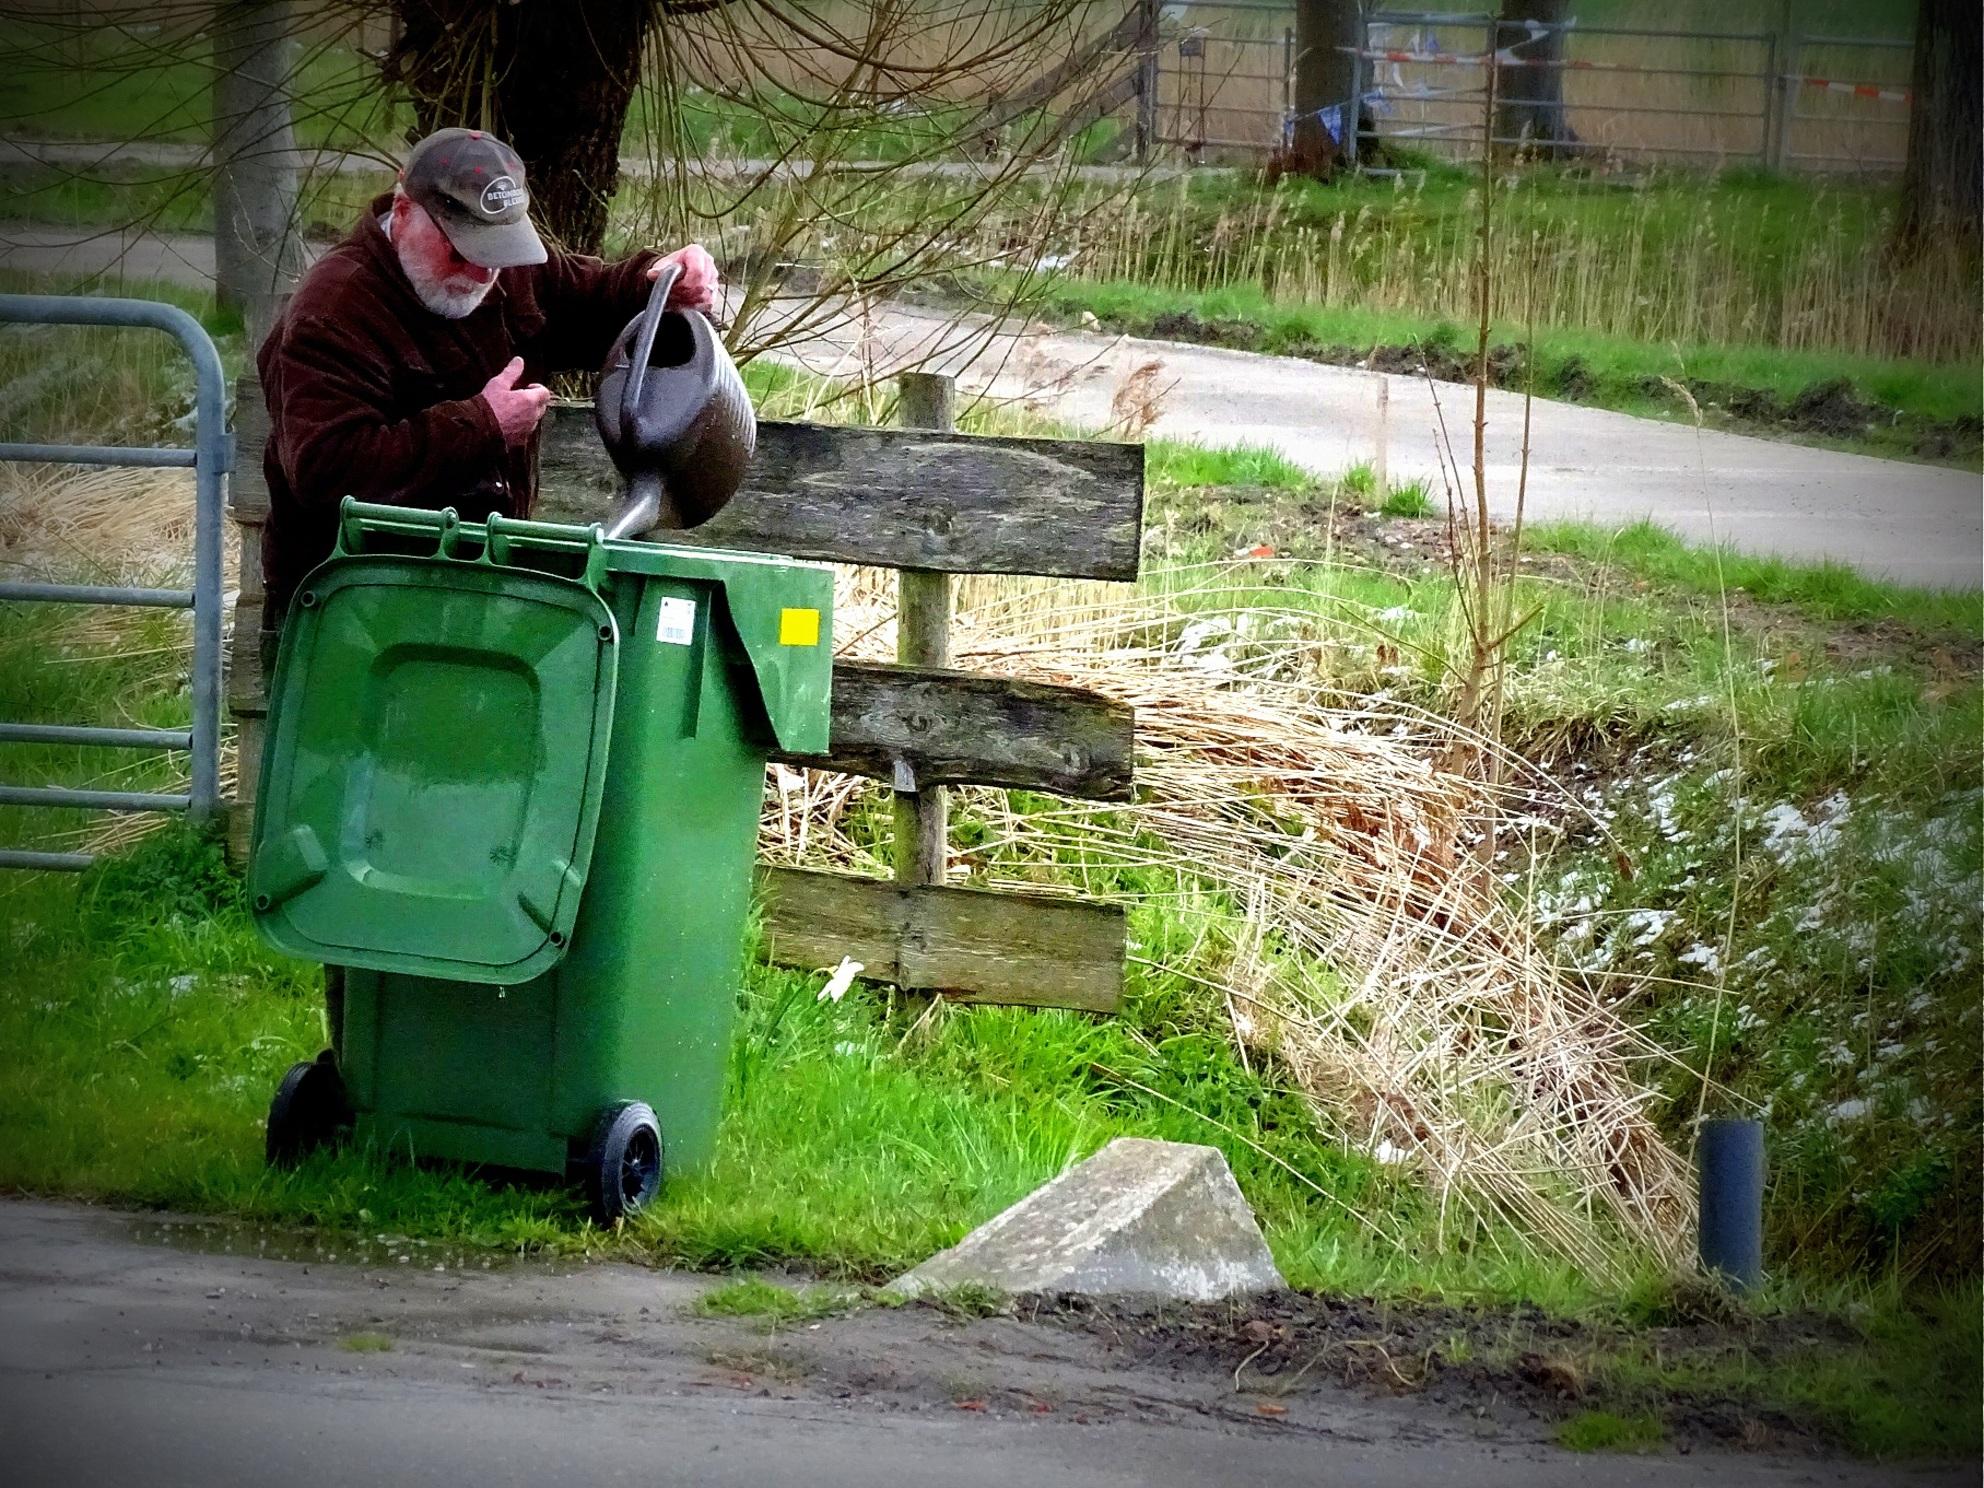 Waterkliko - Straks om uit te eten. - foto door jan.pijper op 08-04-2021 - locatie: 9909 Spijk, Nederland - deze foto bevat: fabriek, groen, motorvoertuig, afvalbeheersing, asfalt, afvalcontainer, weg oppervlak, gras, gas, struik